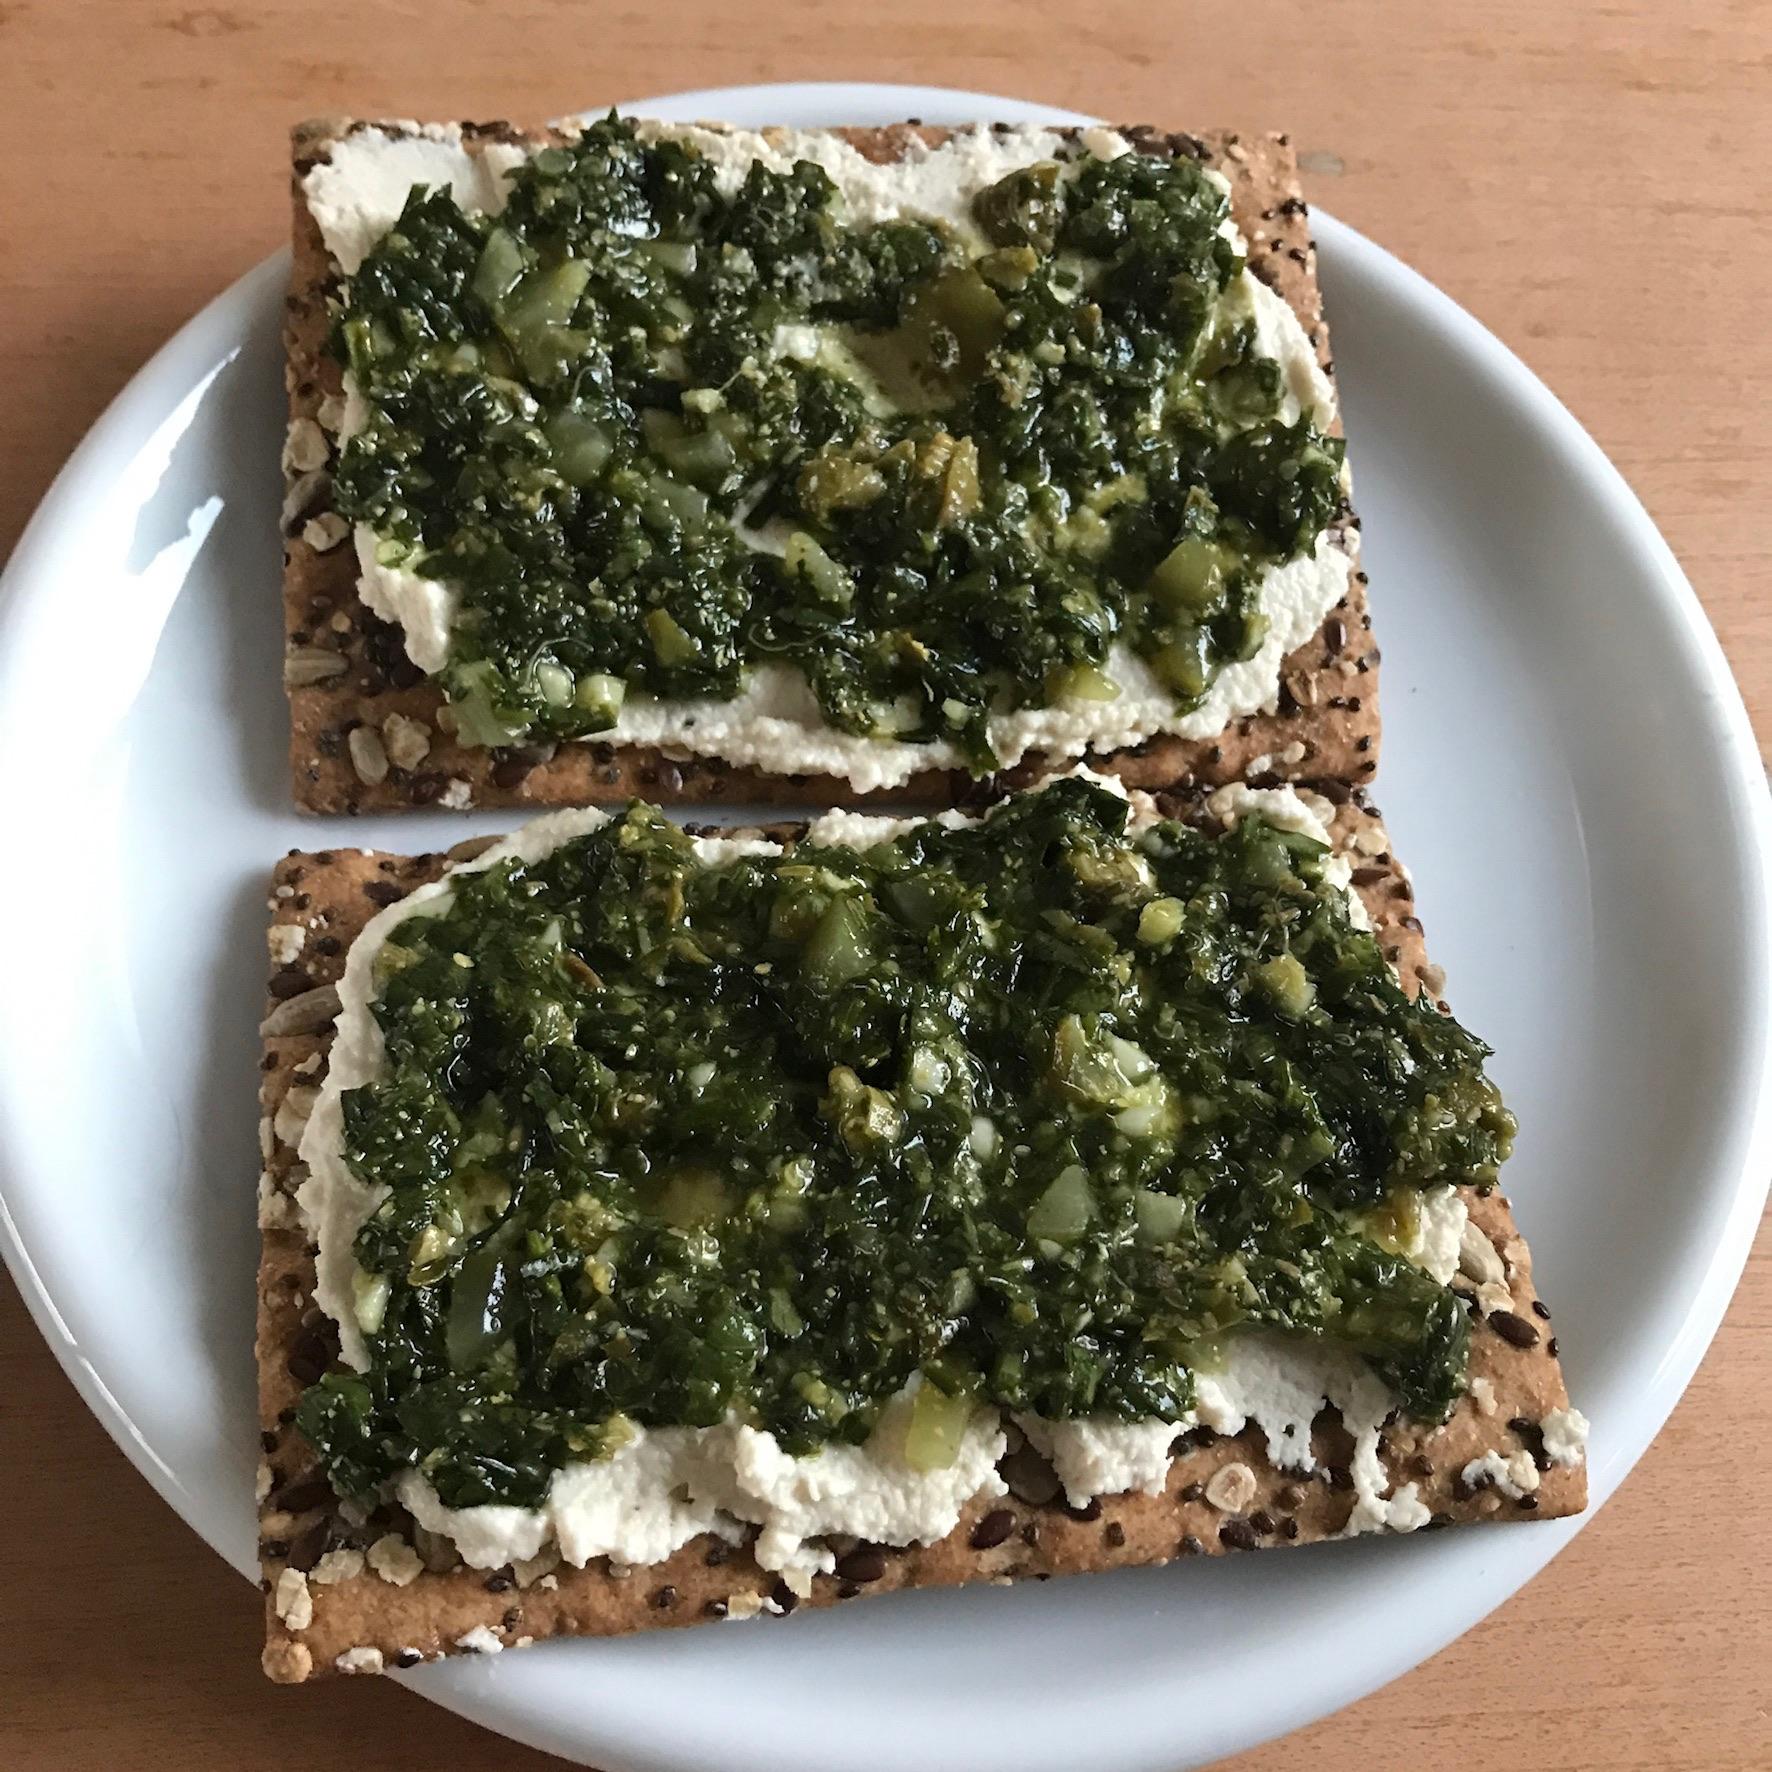 lekker op toast met salsa verde